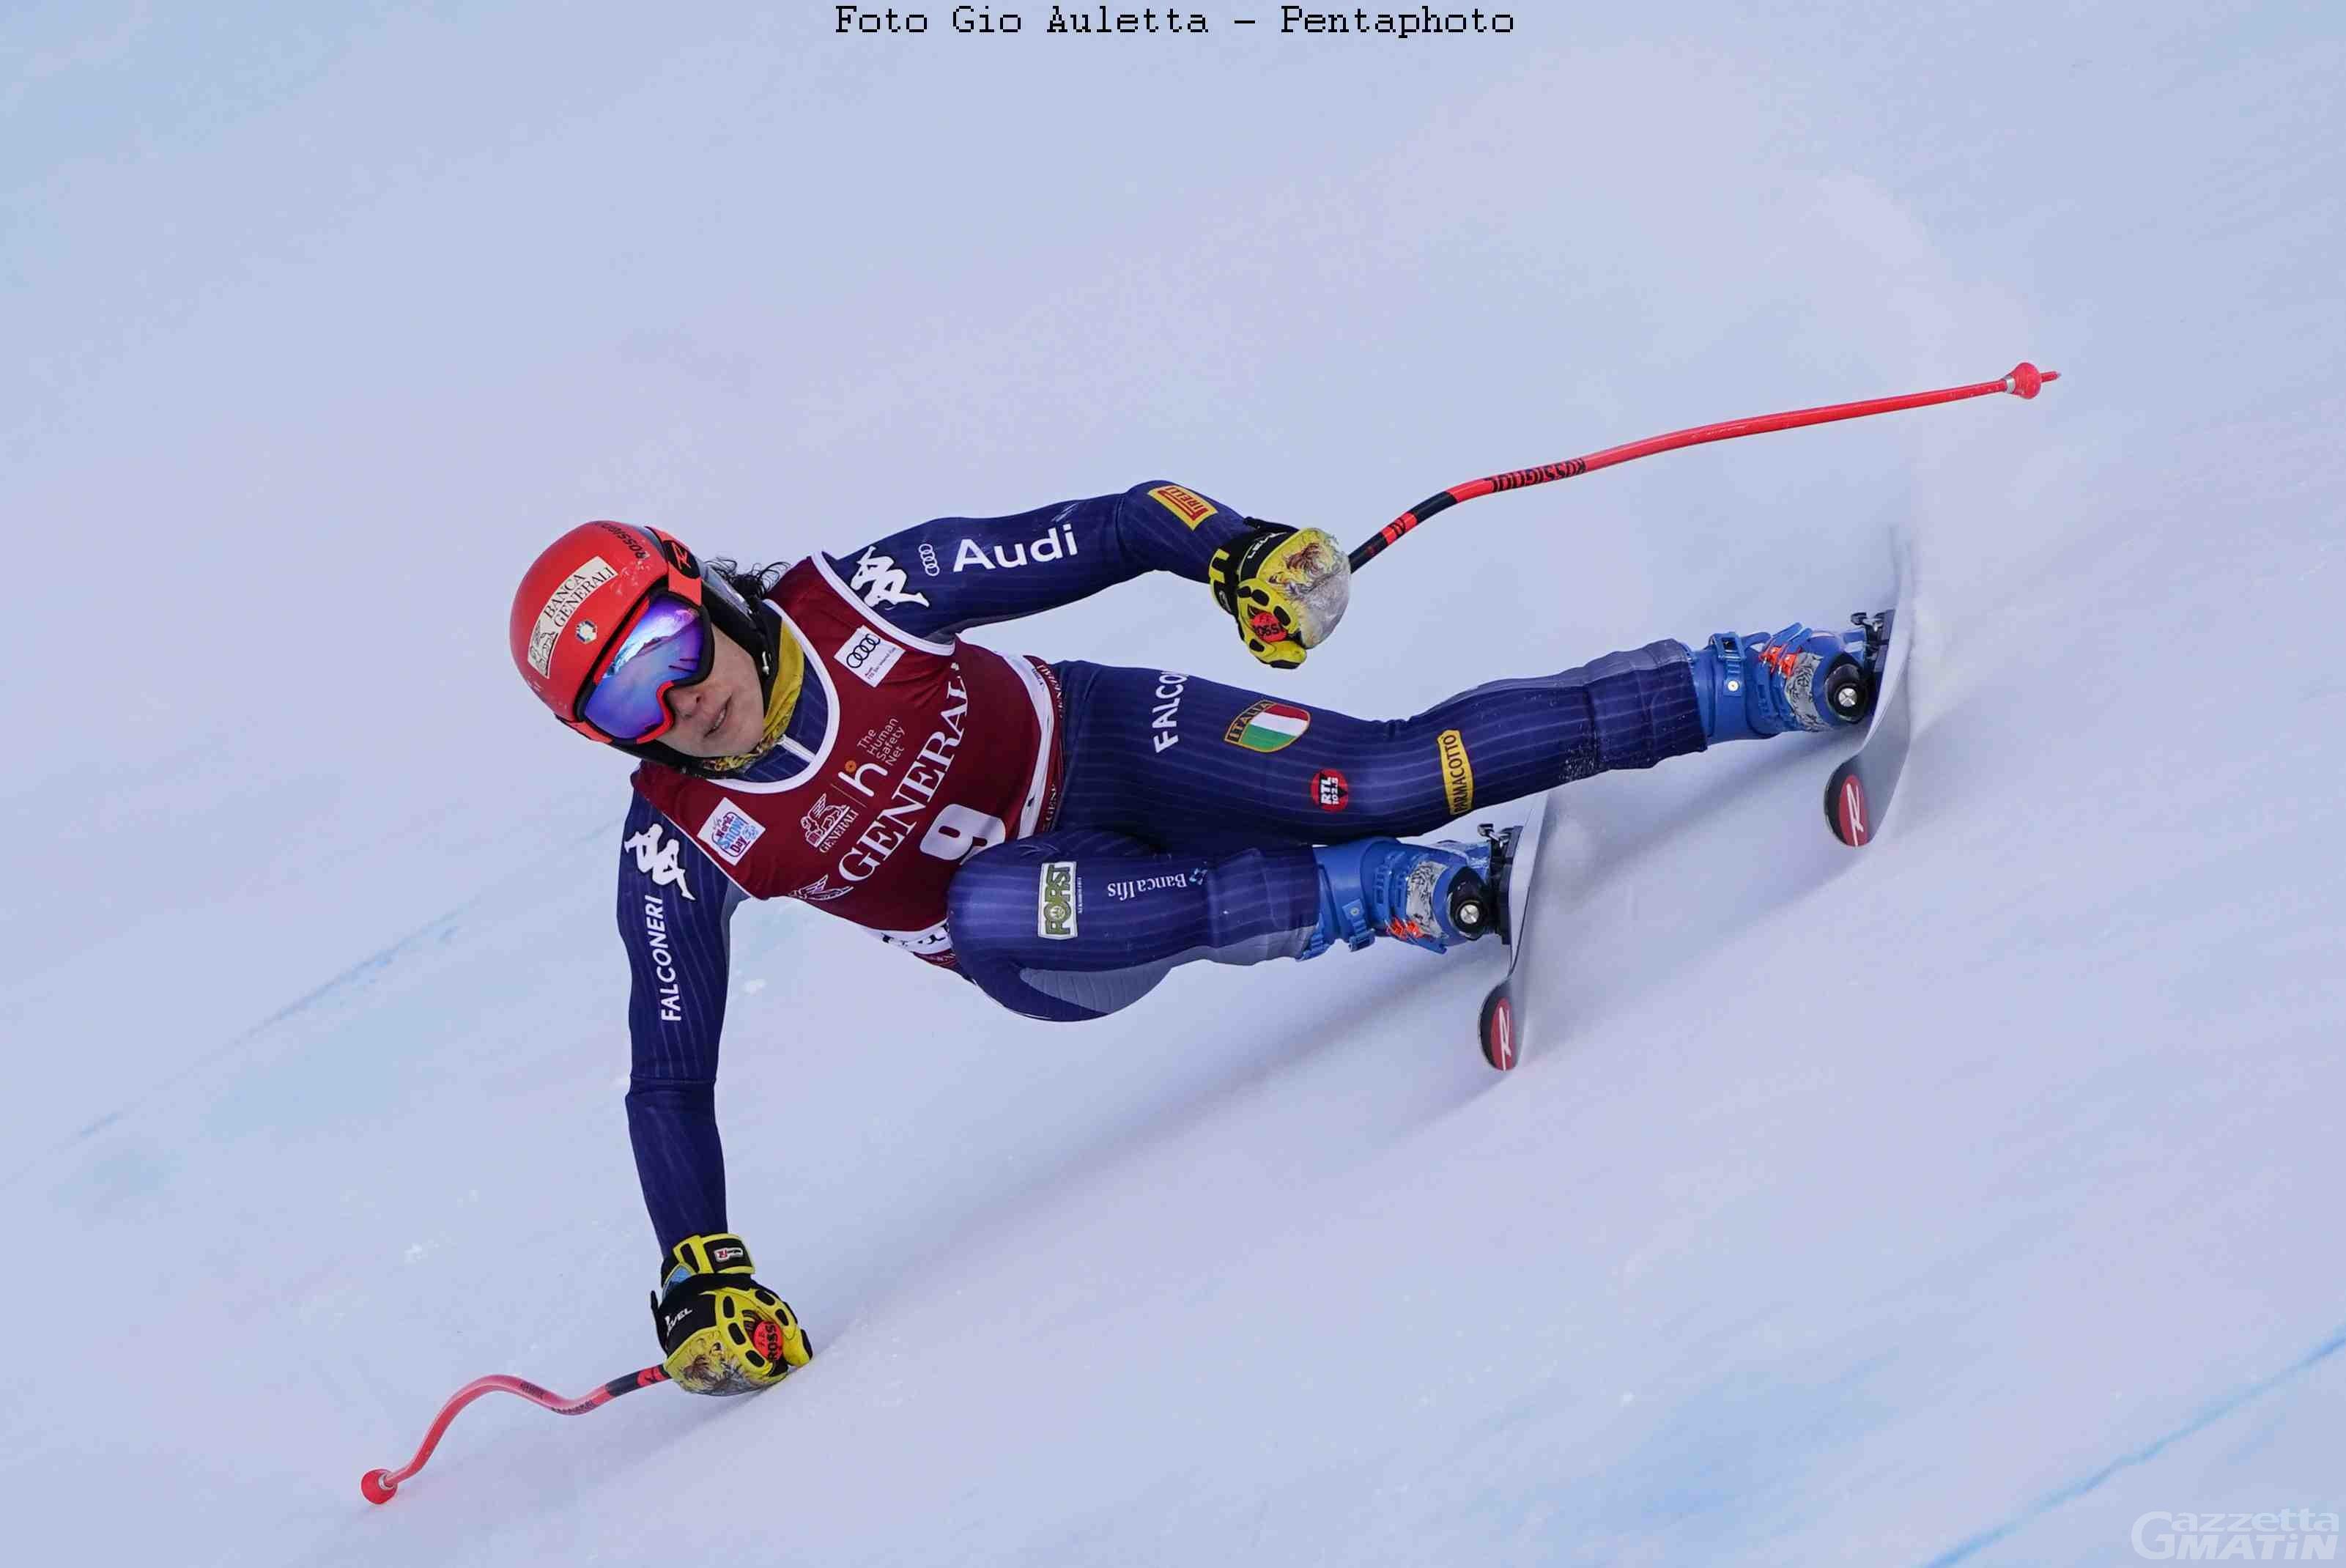 Sci alpino: Federica Brignone 6ª a metà gara a Kranjska Gora